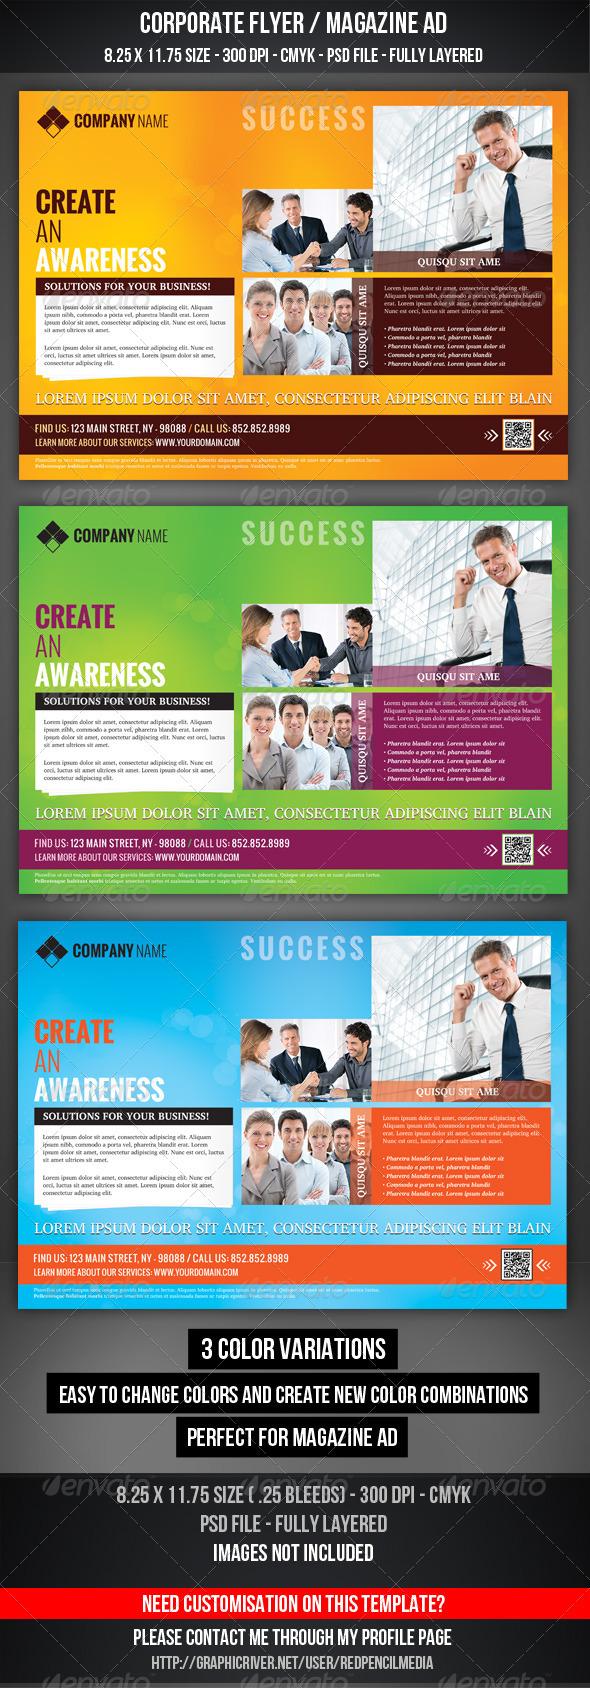 GraphicRiver Corporate Flyer Magazine AD 3324045